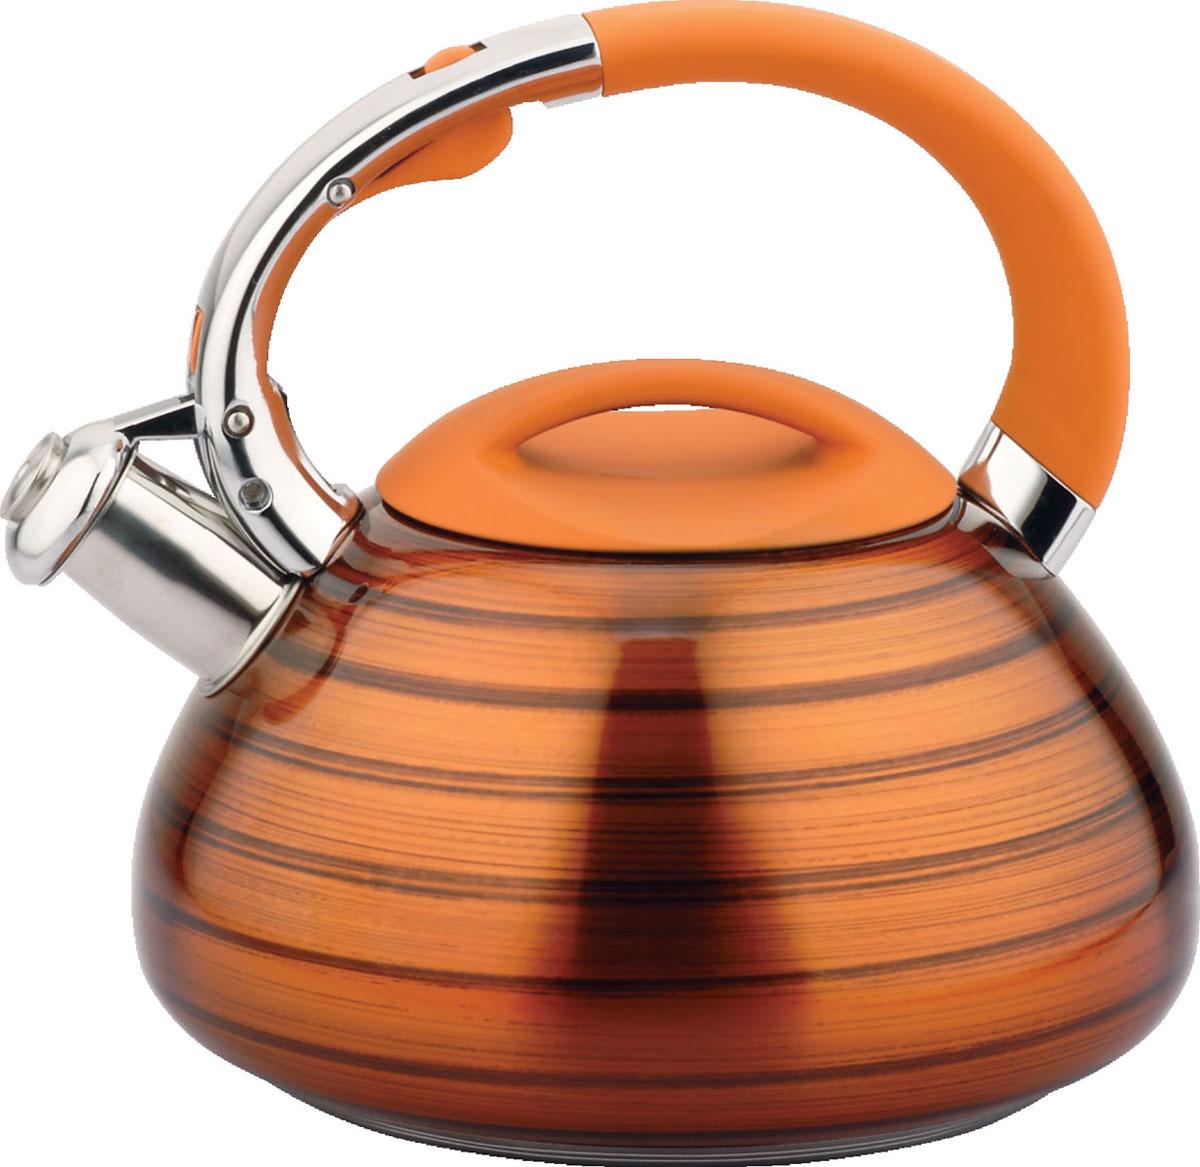 Чайник Bayerhoff, со свистком, цвет: оранжевый металлик, 3 л. BH-422BH-422Чайник Bayerhoff изготовлен из высококачественной нержавеющей стали. Нержавеющая сталь обладает высокой устойчивостью к коррозии, не вступает в реакцию с холодными и горячими продуктами и полностью сохраняет их вкусовые качества.Чайник оснащен удобной пластиковойручкой, которая не нагревается и не скользит. Носик чайника имеет откидной свисток, звуковой сигнал которого подскажет, когда закипит вода. Свисток открывается кнопкой на ручке. Чайник Bayerhoff пригоден для использования на всех видах плит.